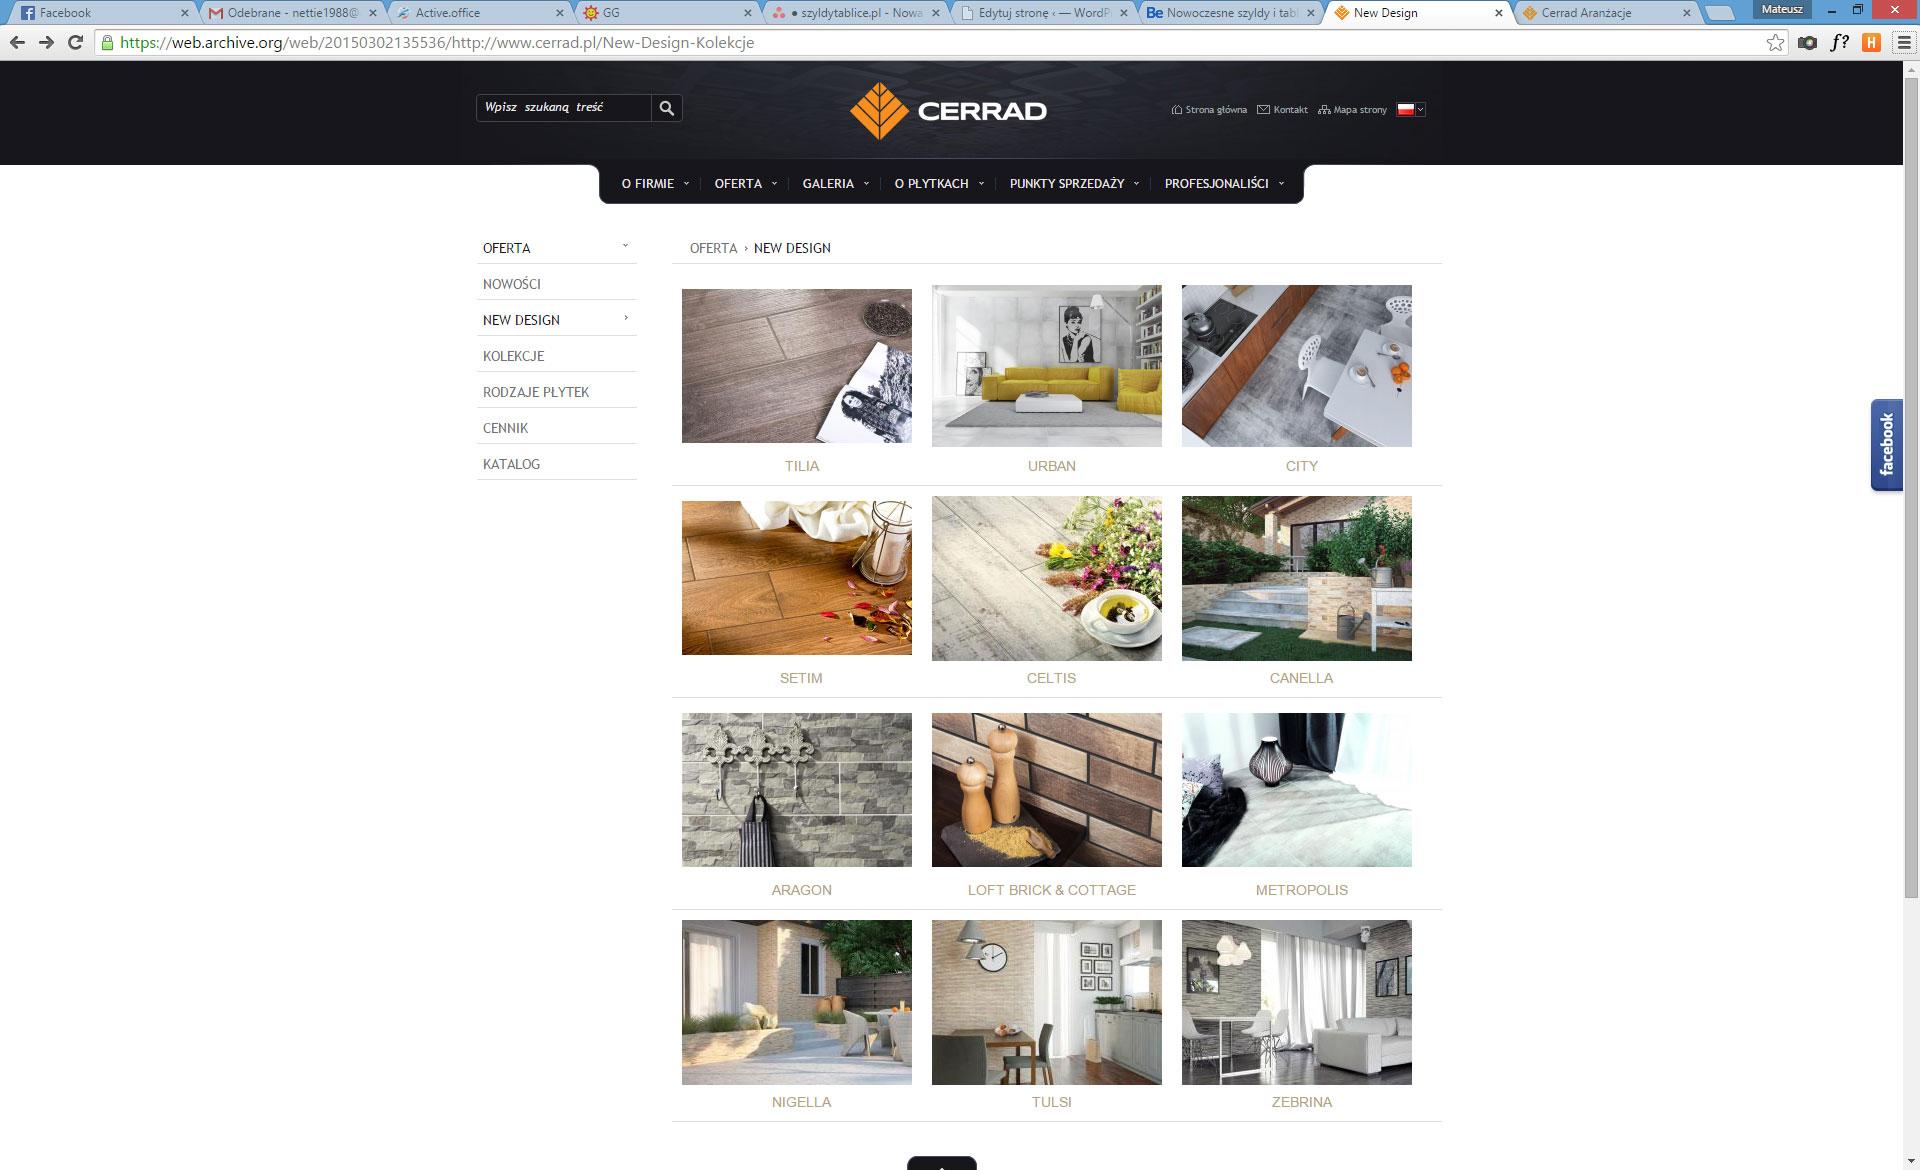 Strona firmowa Cerrad kolekcja New Design